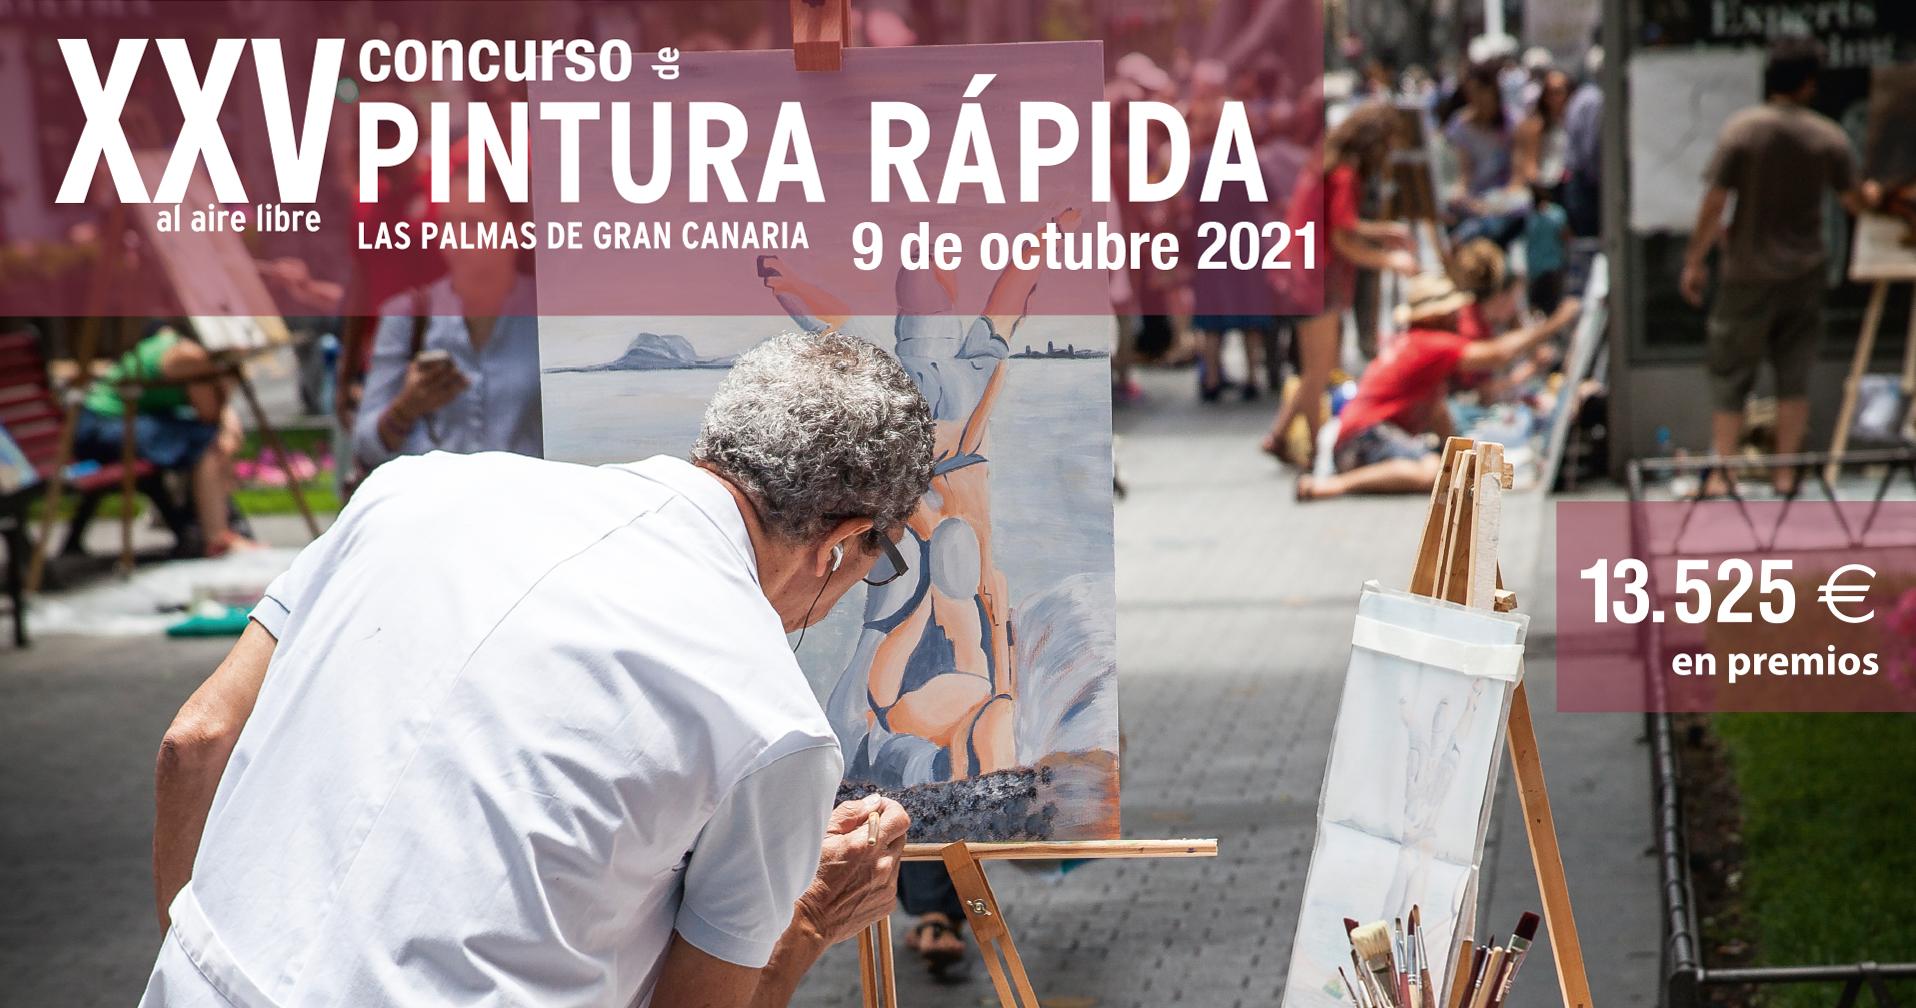 XXV concurso de pintura rápida Zona Mesa y López 2021 1920x1010px